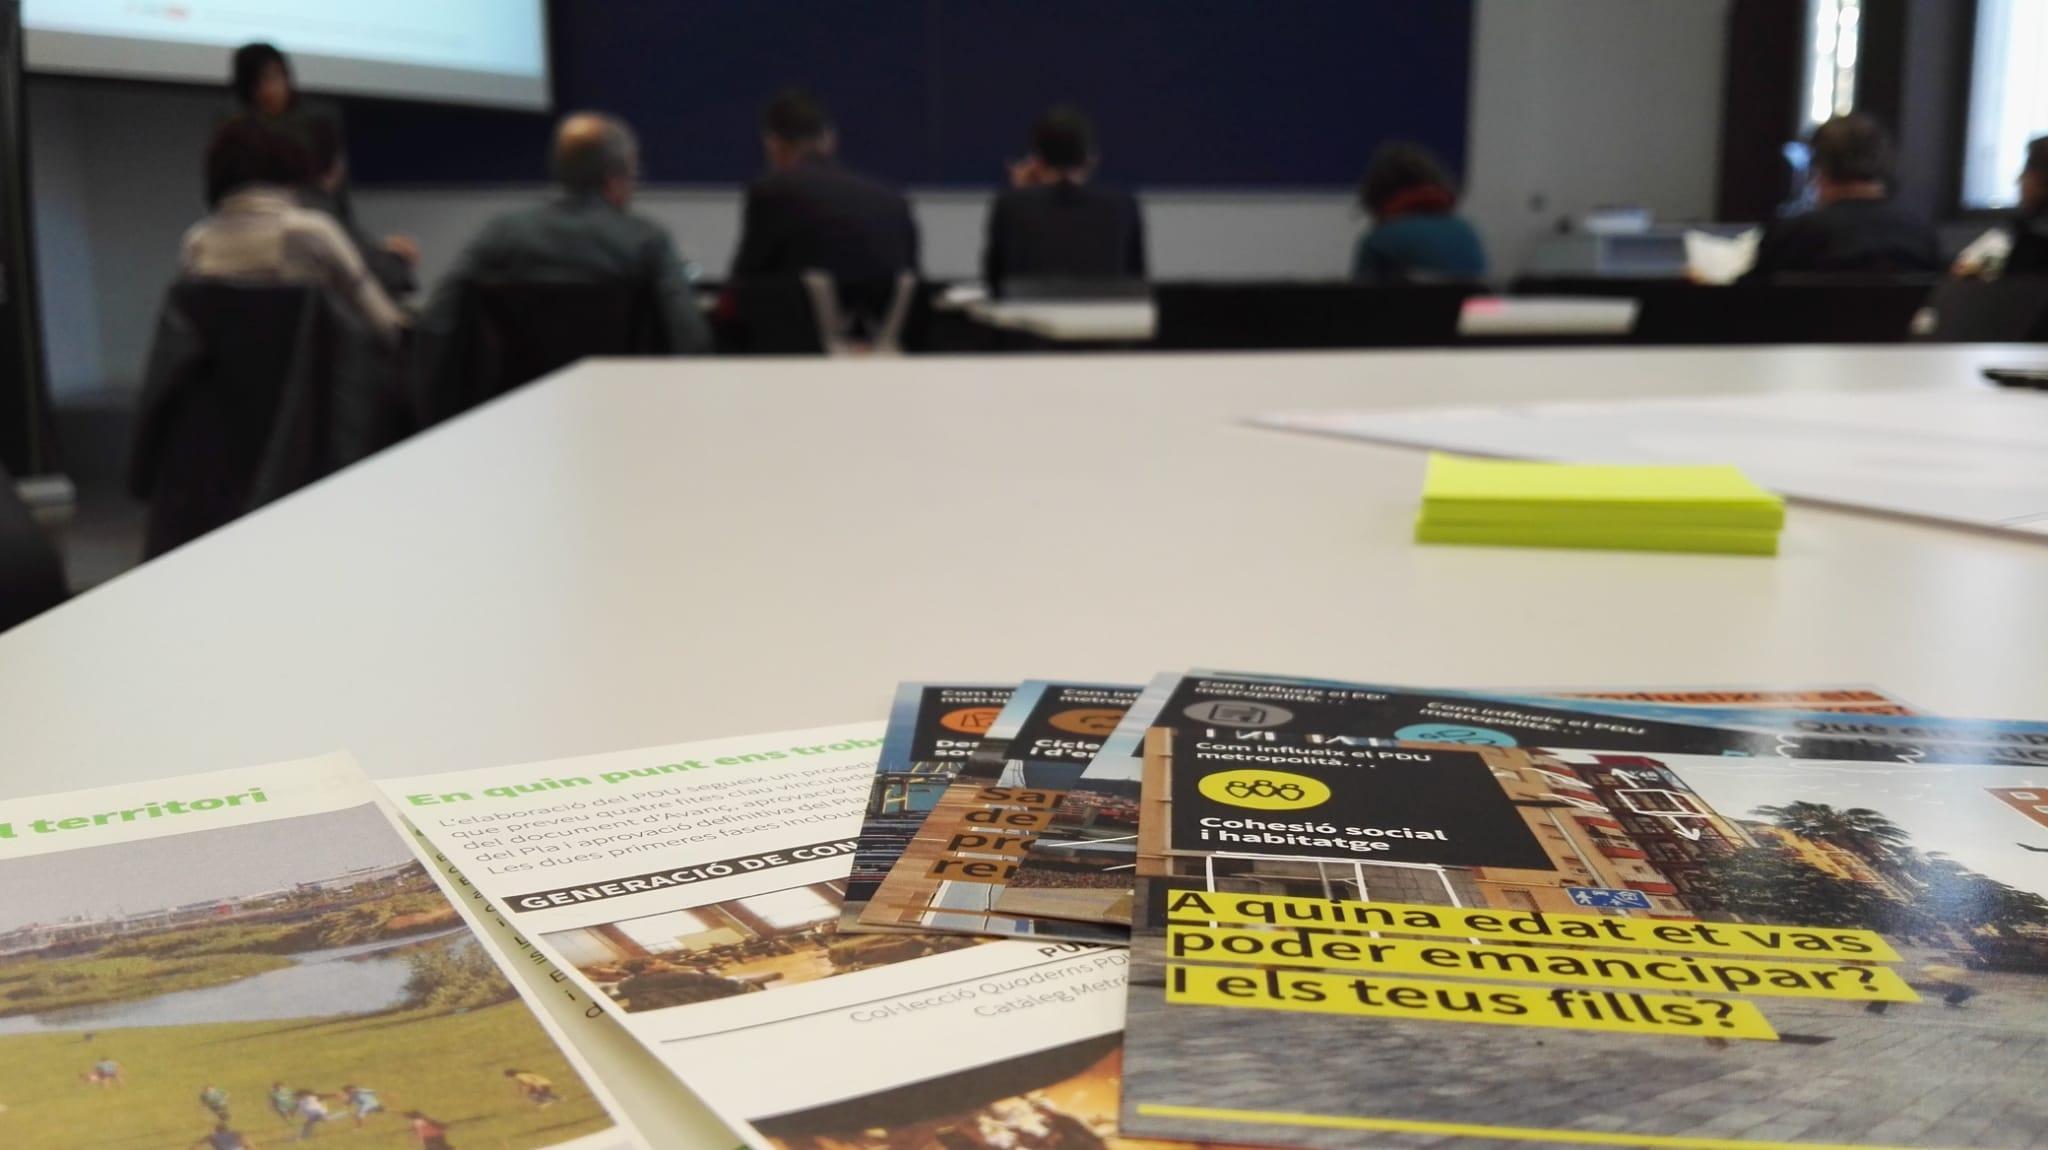 Cohesió social i habitatge són les temàtiques de la 4a sessió de participació al voltant de l?Avanç del PDU Metropolità